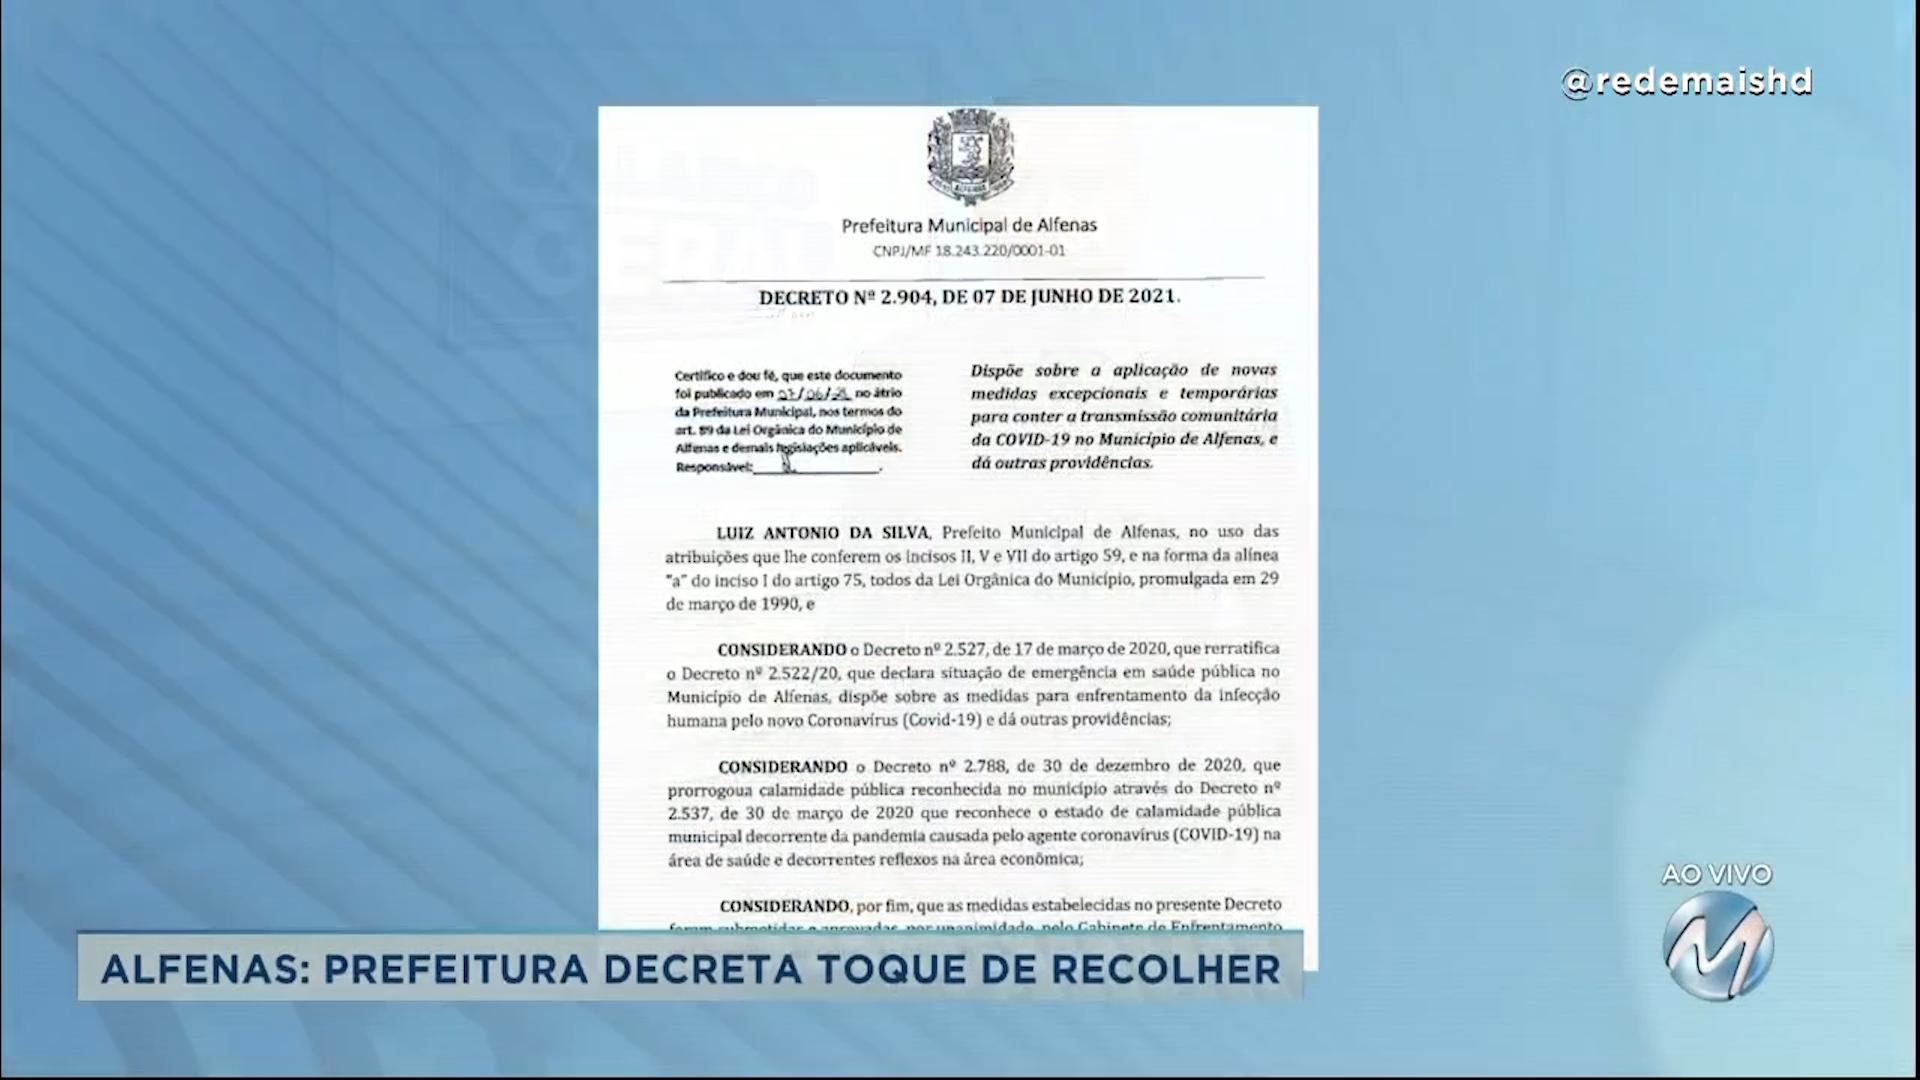 Covid-19: prefeitura de Alfenas decreta toque de recolher